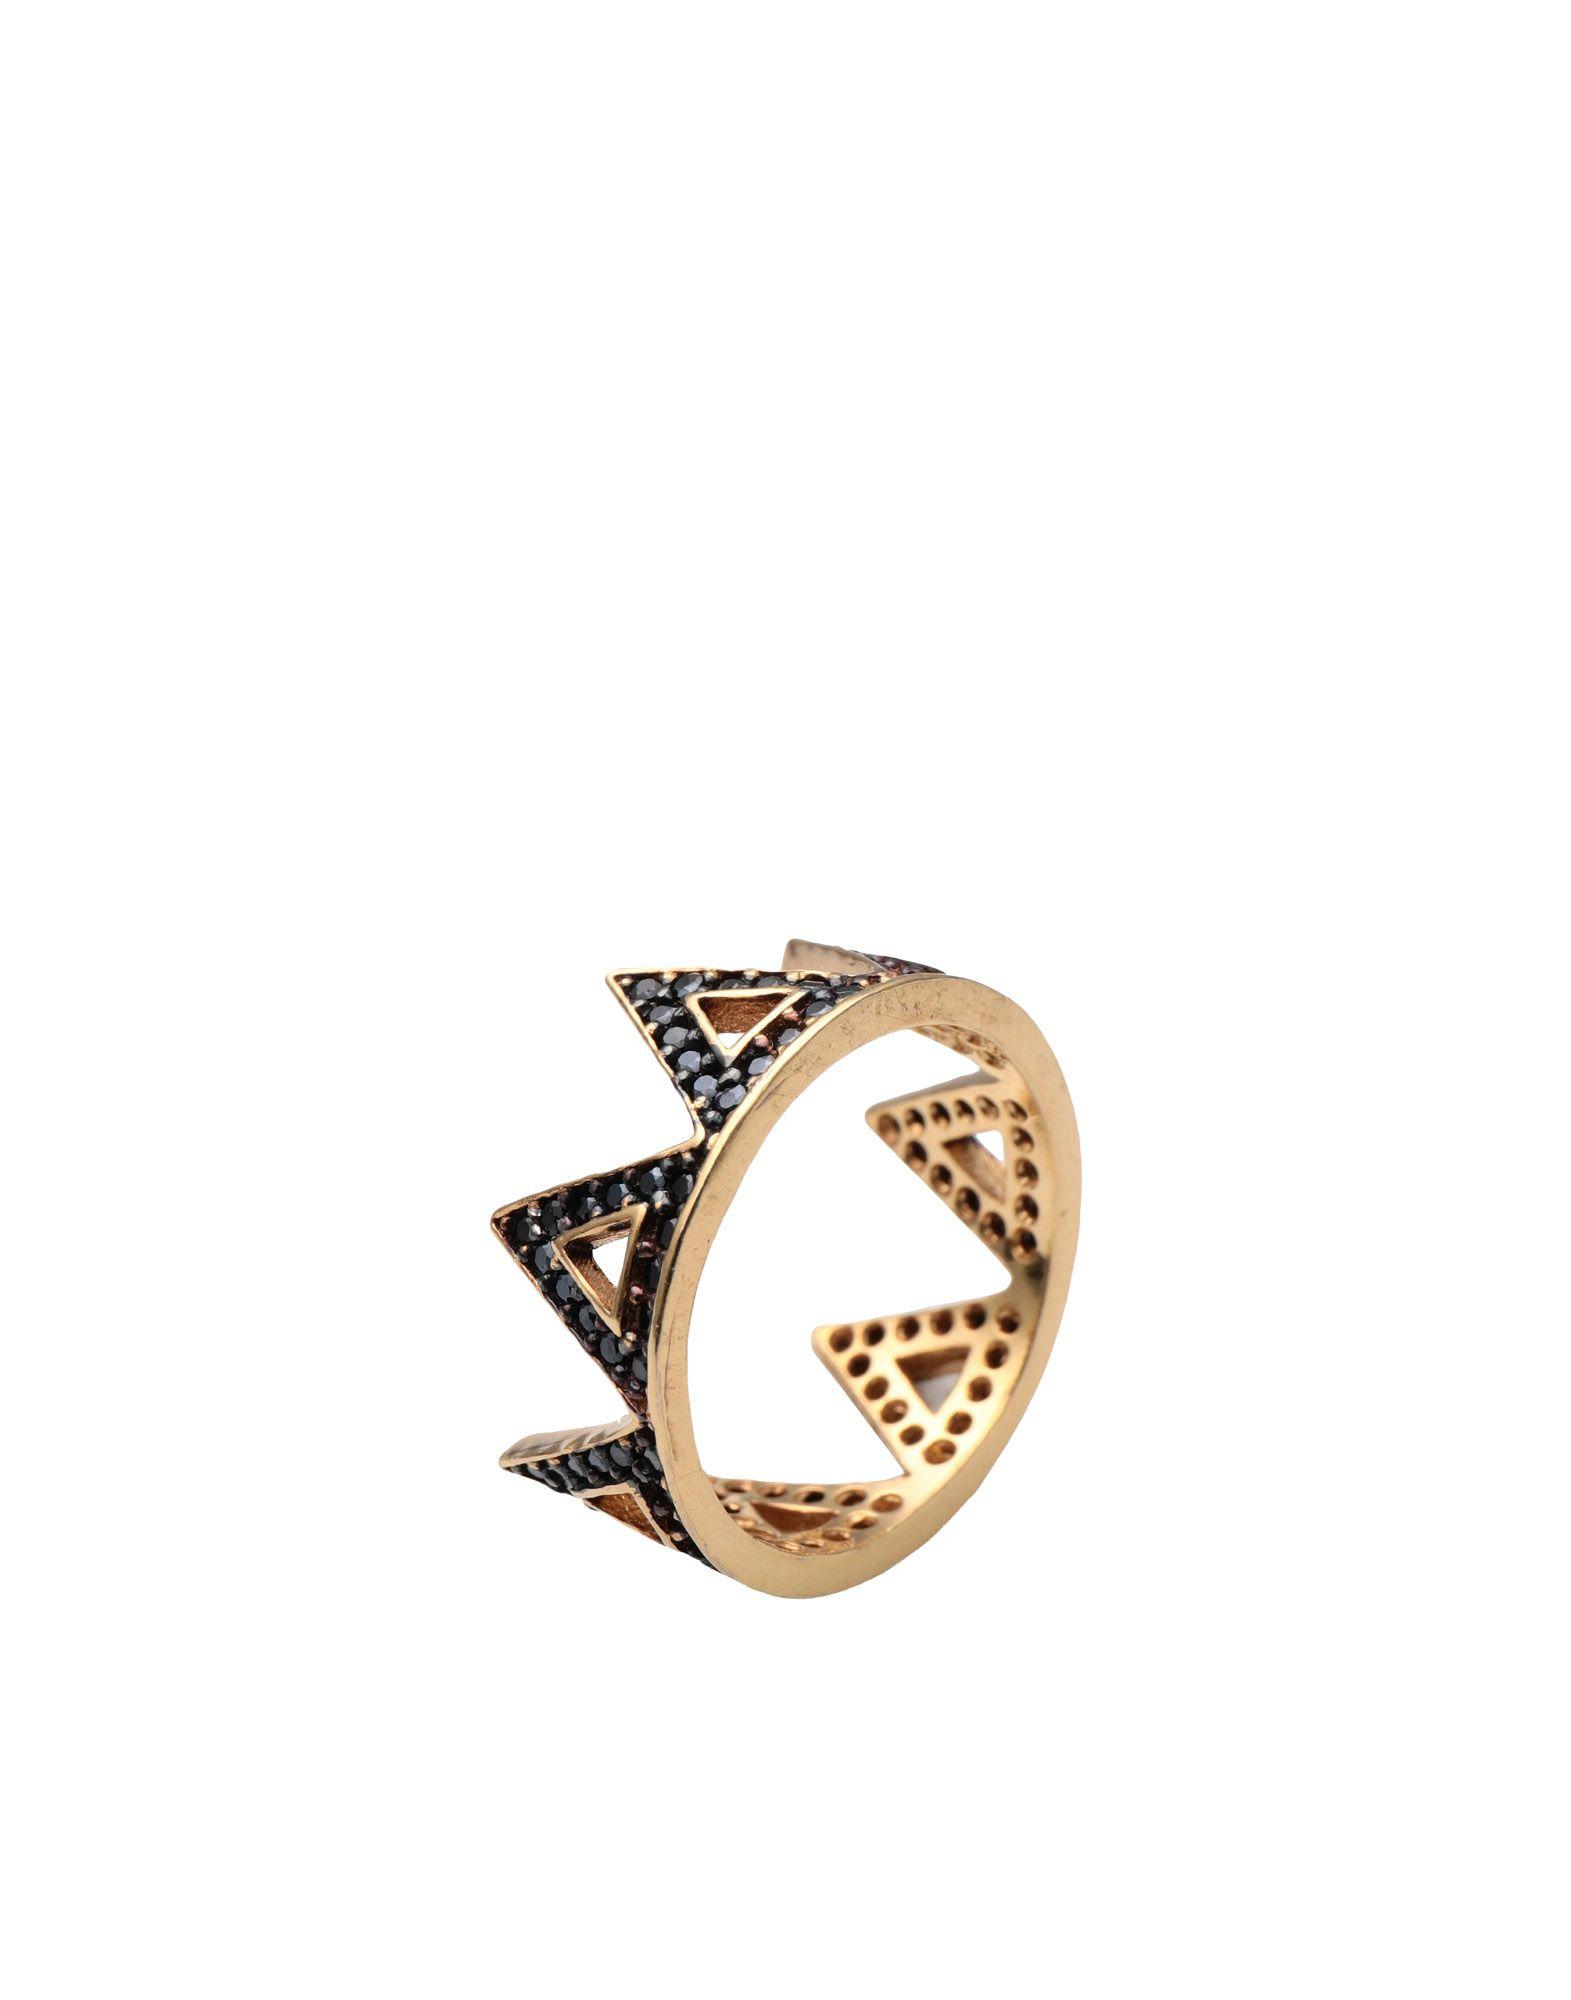 《セール開催中》FIRST PEOPLE FIRST レディース 指輪 ゴールド 7 シルバー925/1000 / 18金メッキ / キュービックジルコニア Hestia Zircon Crown Ring